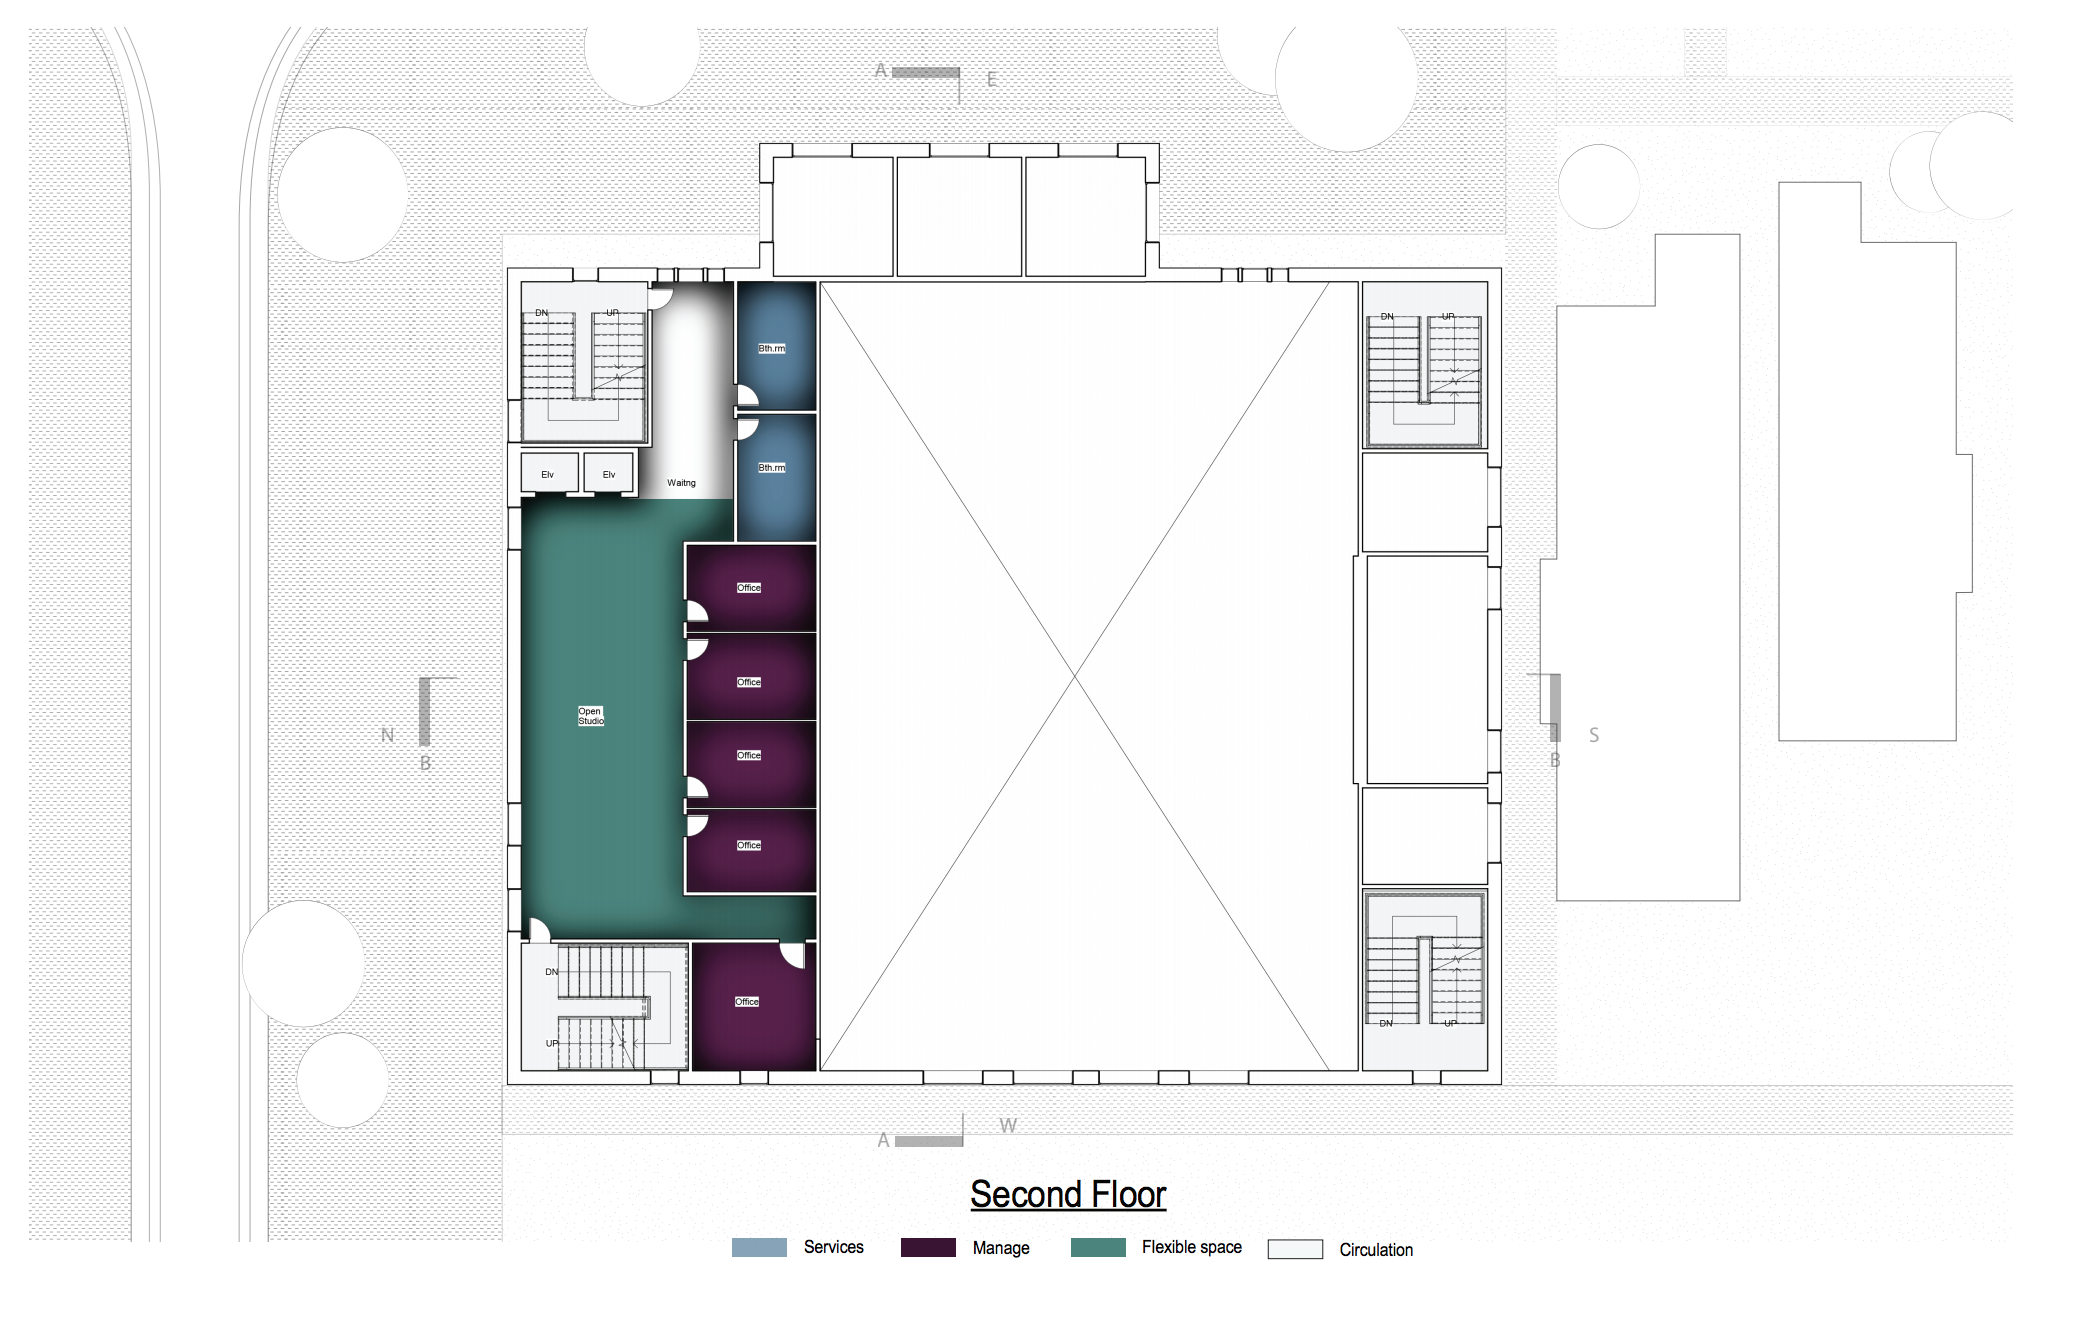 Site plan floor 2